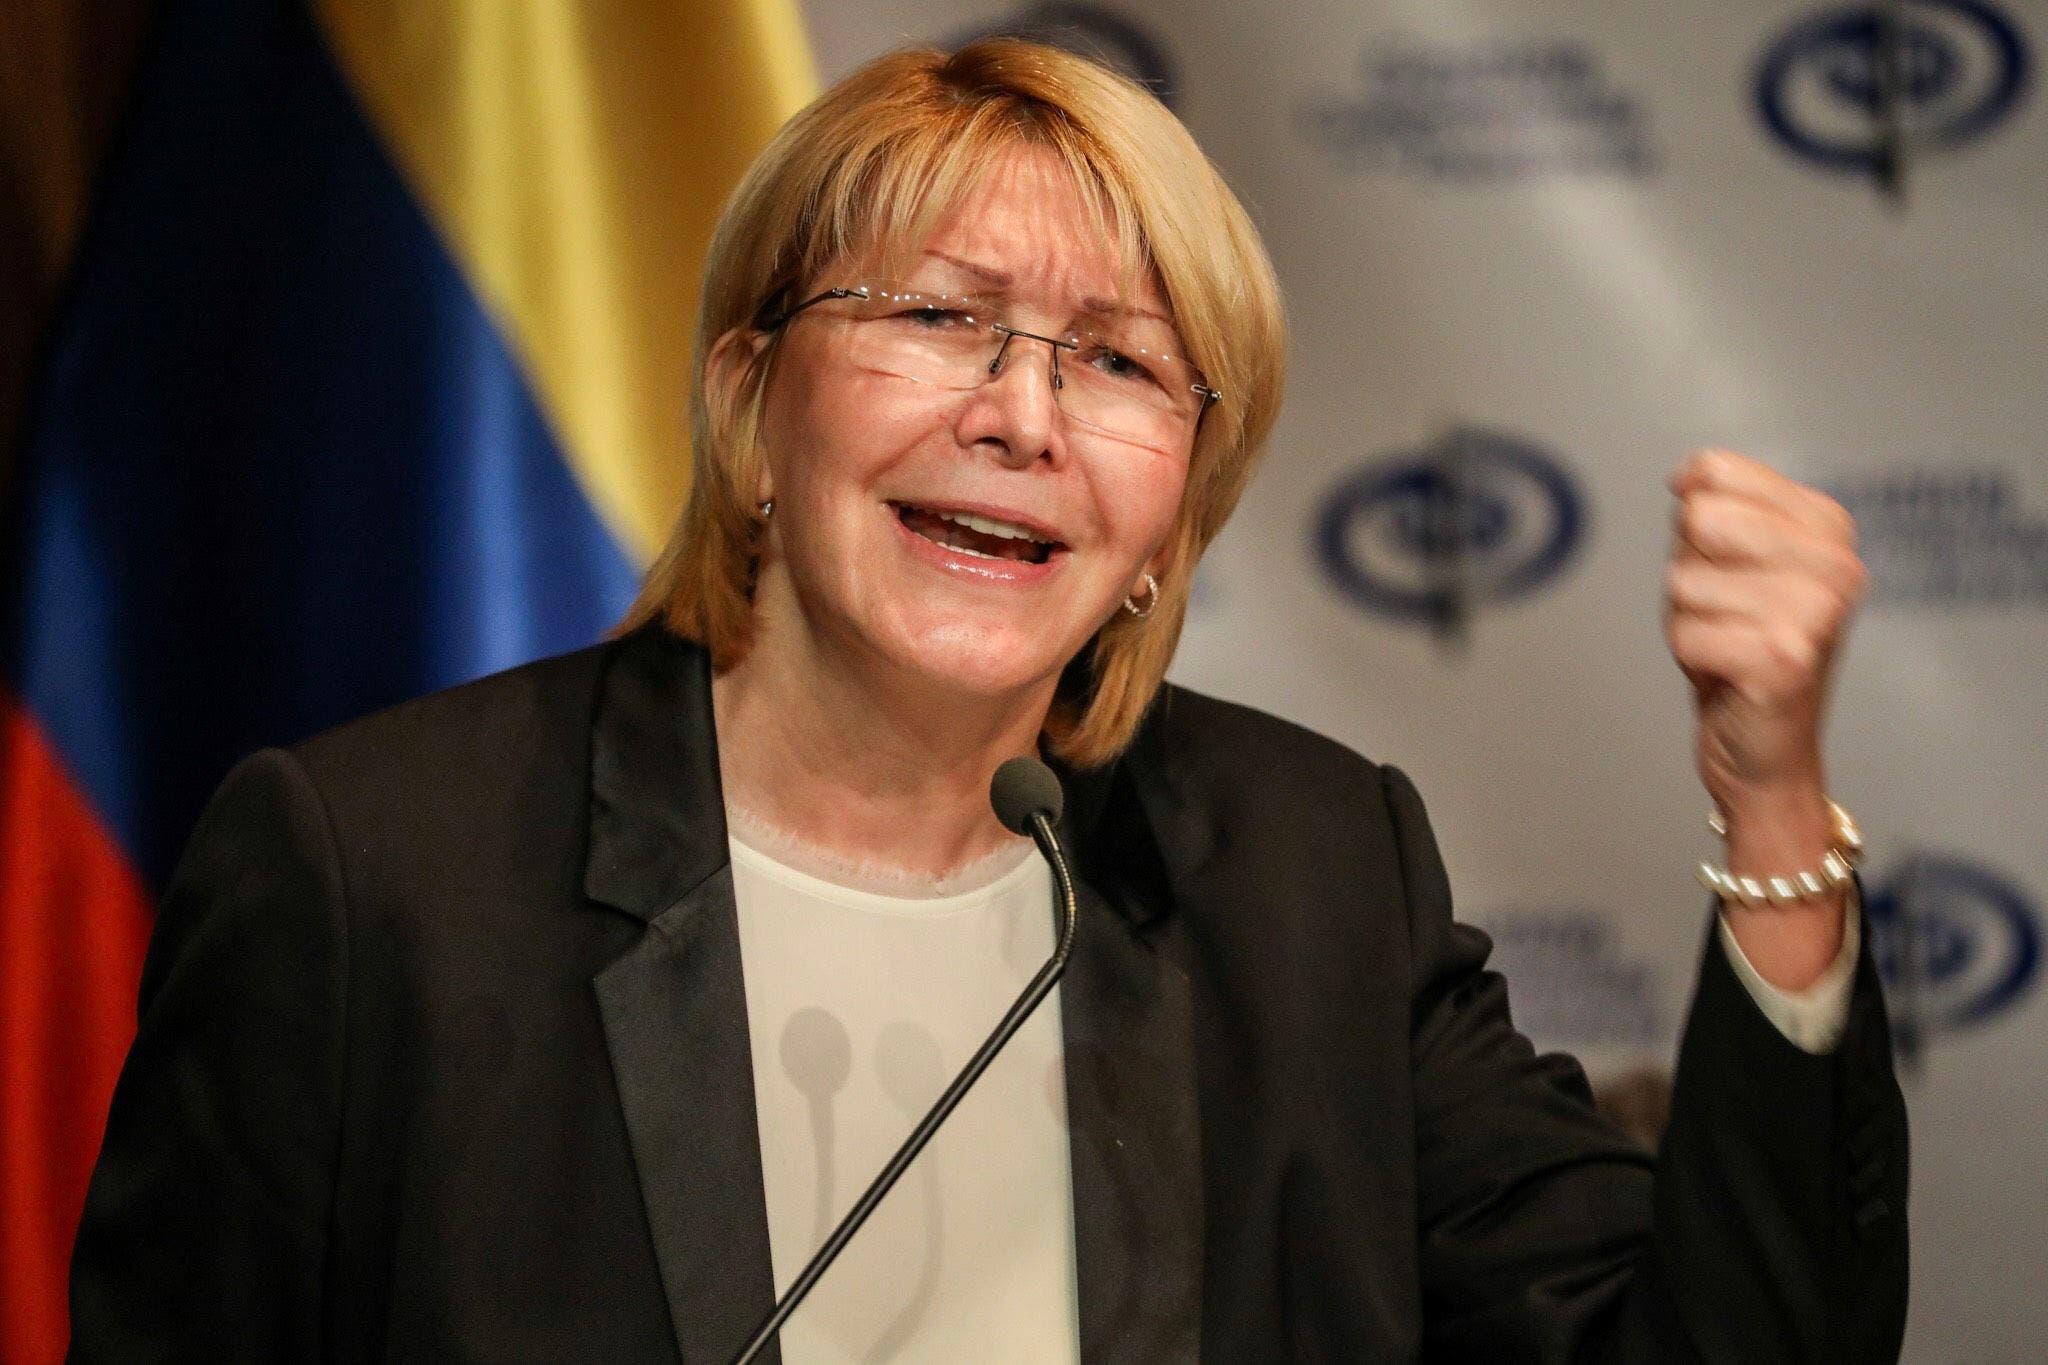 """CARACAS (VENEZUELA), 04/07/2017.- La fiscal general venezolana, Luisa Ortega Diaz, ofrece una rueda de prensa hoy, martes 4 de julio de 2017, en Caracas (Venezuela). Ortega Díaz, insistió hoy en denunciar que existe una """"ruptura del hilo constitucional"""" en el país caribeño, durante una comparecencia pública el mismo día en que debe comenzar en el Tribunal Supremo de Justicia (TSJ) un proceso de enjuiciamiento contra ella. EFE/Miguel Gutiérrez"""